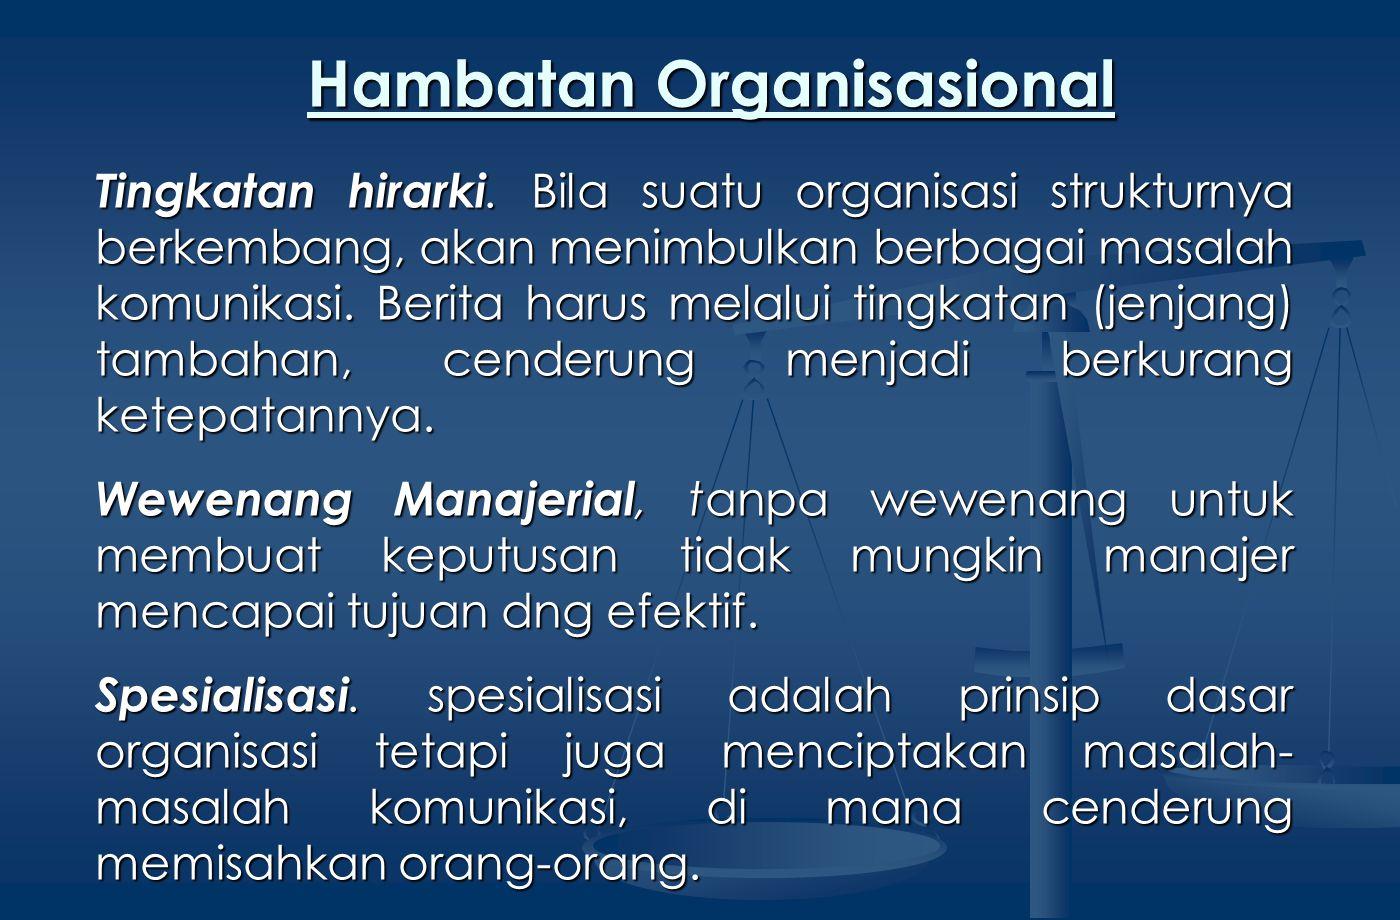 Tingkatan hirarki. Bila suatu organisasi strukturnya berkembang, akan menimbulkan berbagai masalah komunikasi. Berita harus melalui tingkatan (jenjang